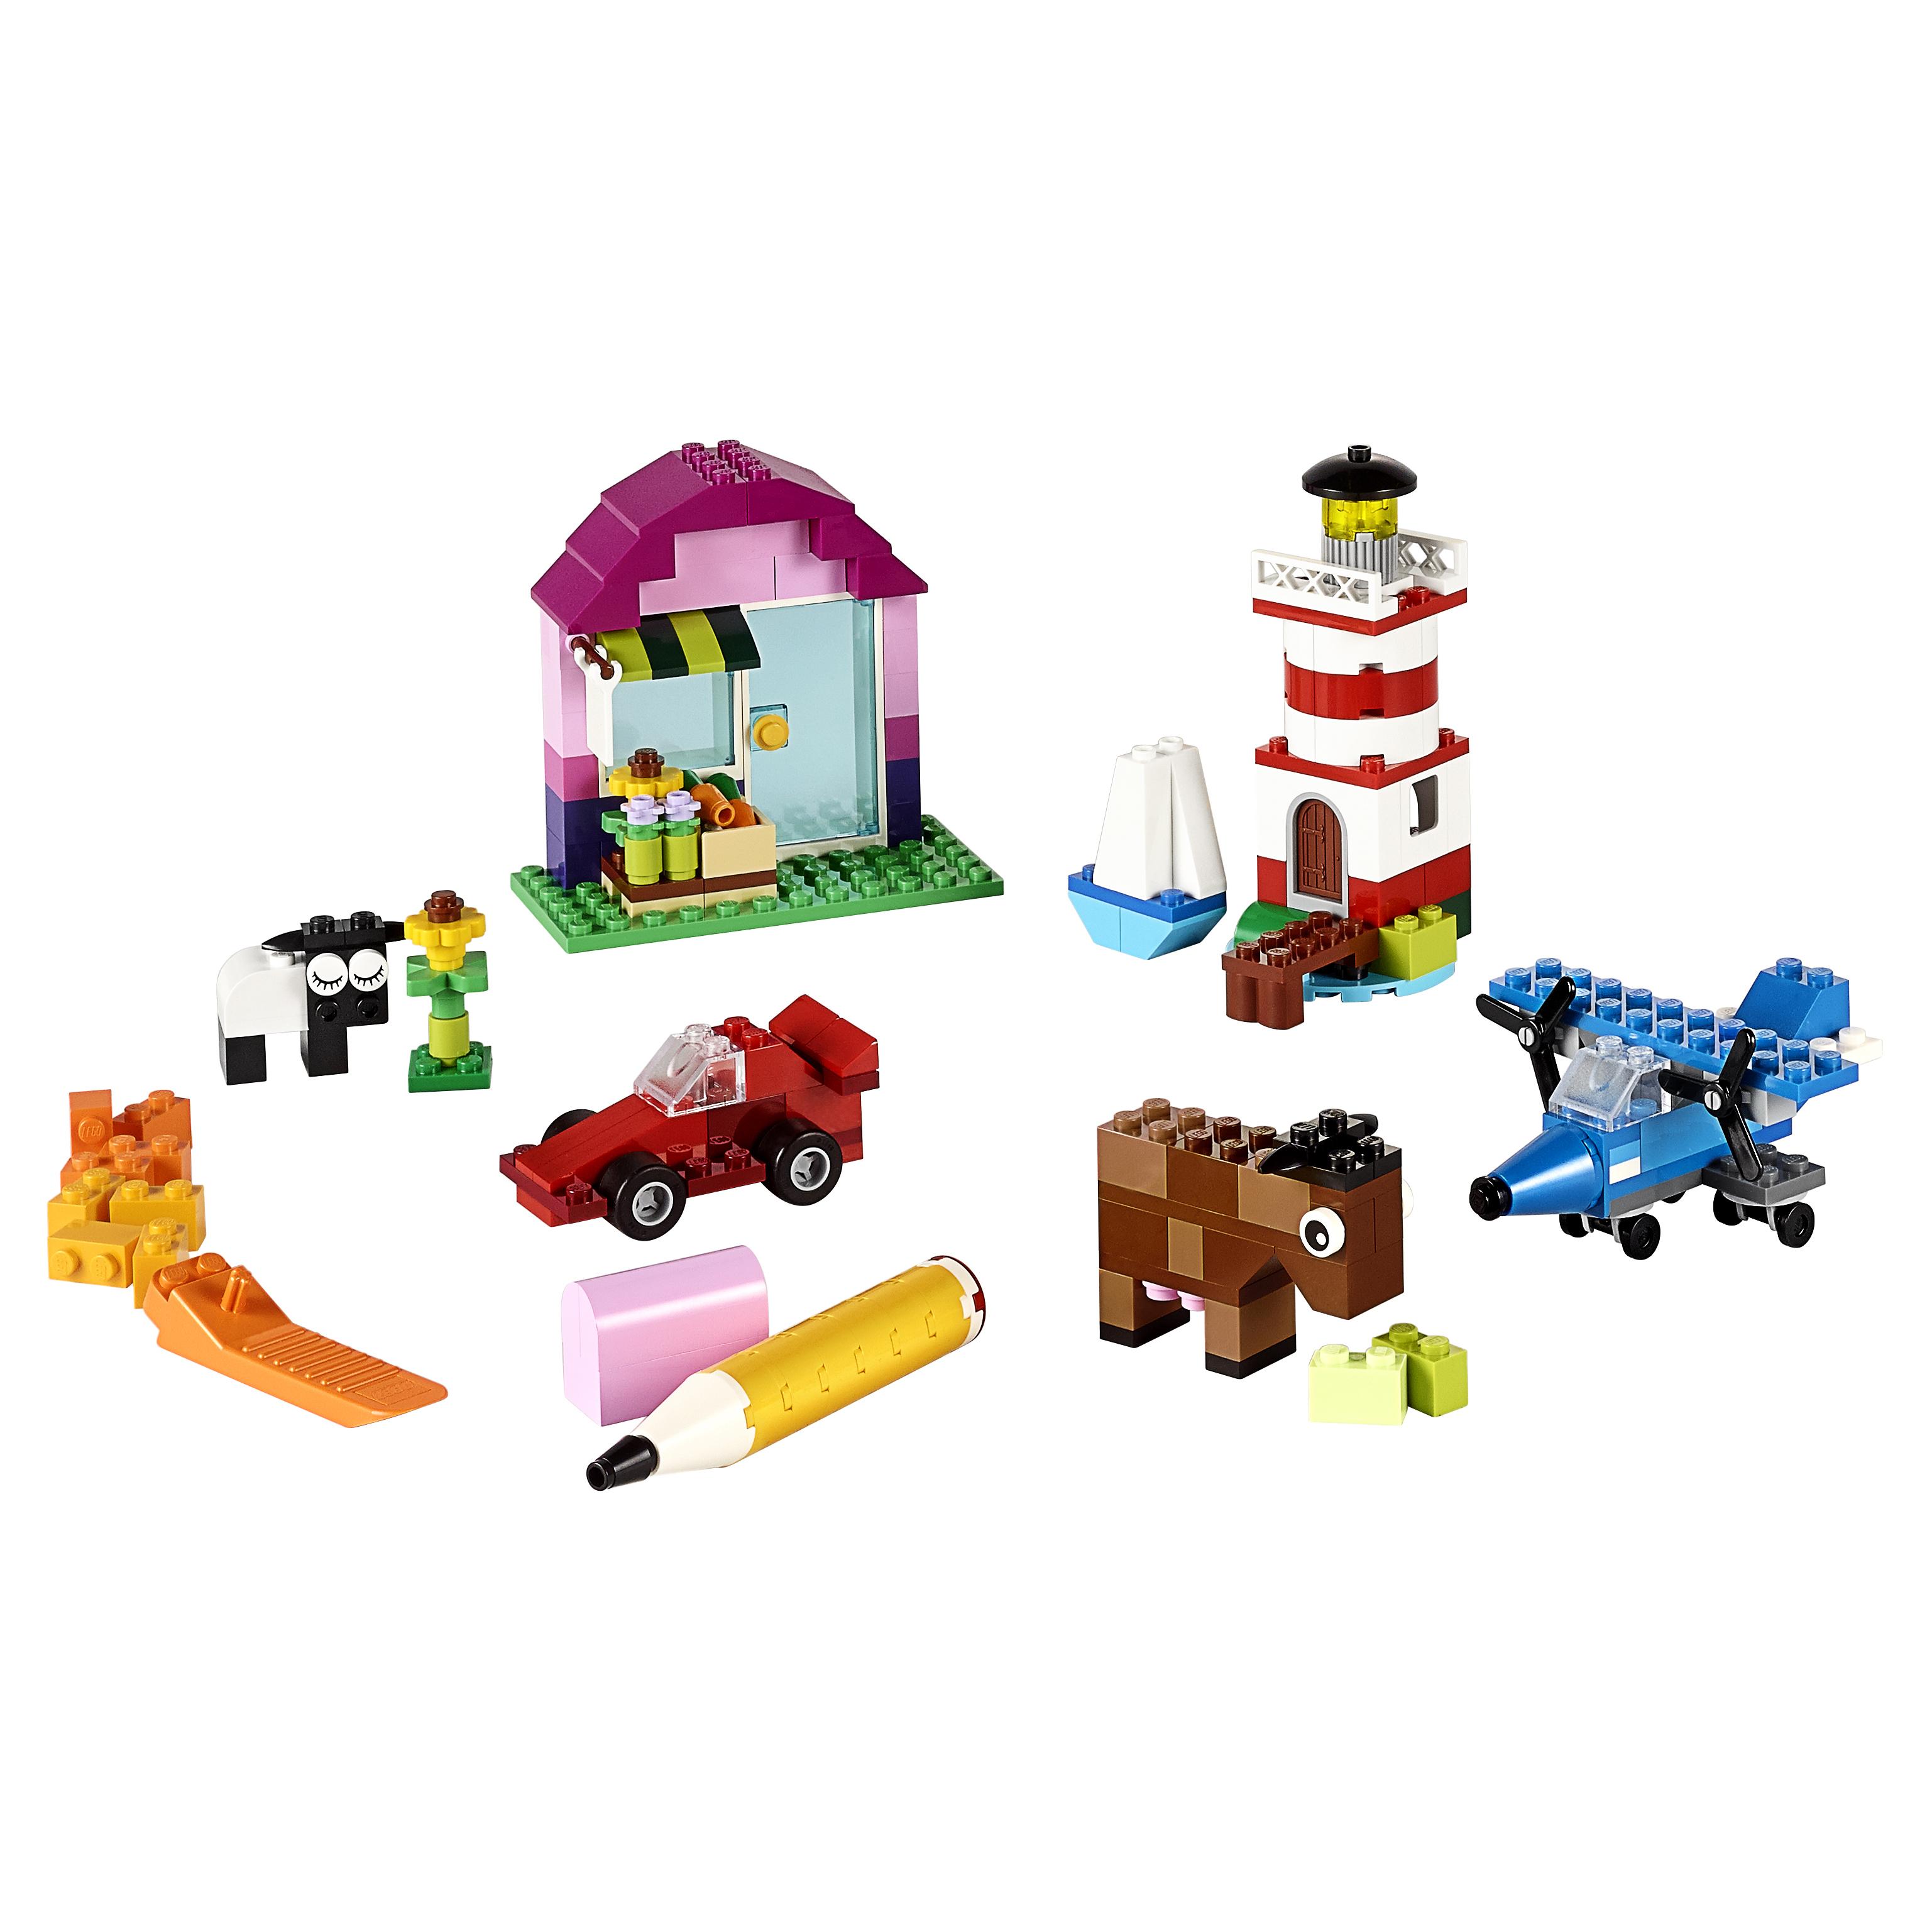 Купить Конструктор lego classic набор для творчества 10692, Конструктор LEGO Classic Набор для творчества (10692), LEGO для девочек